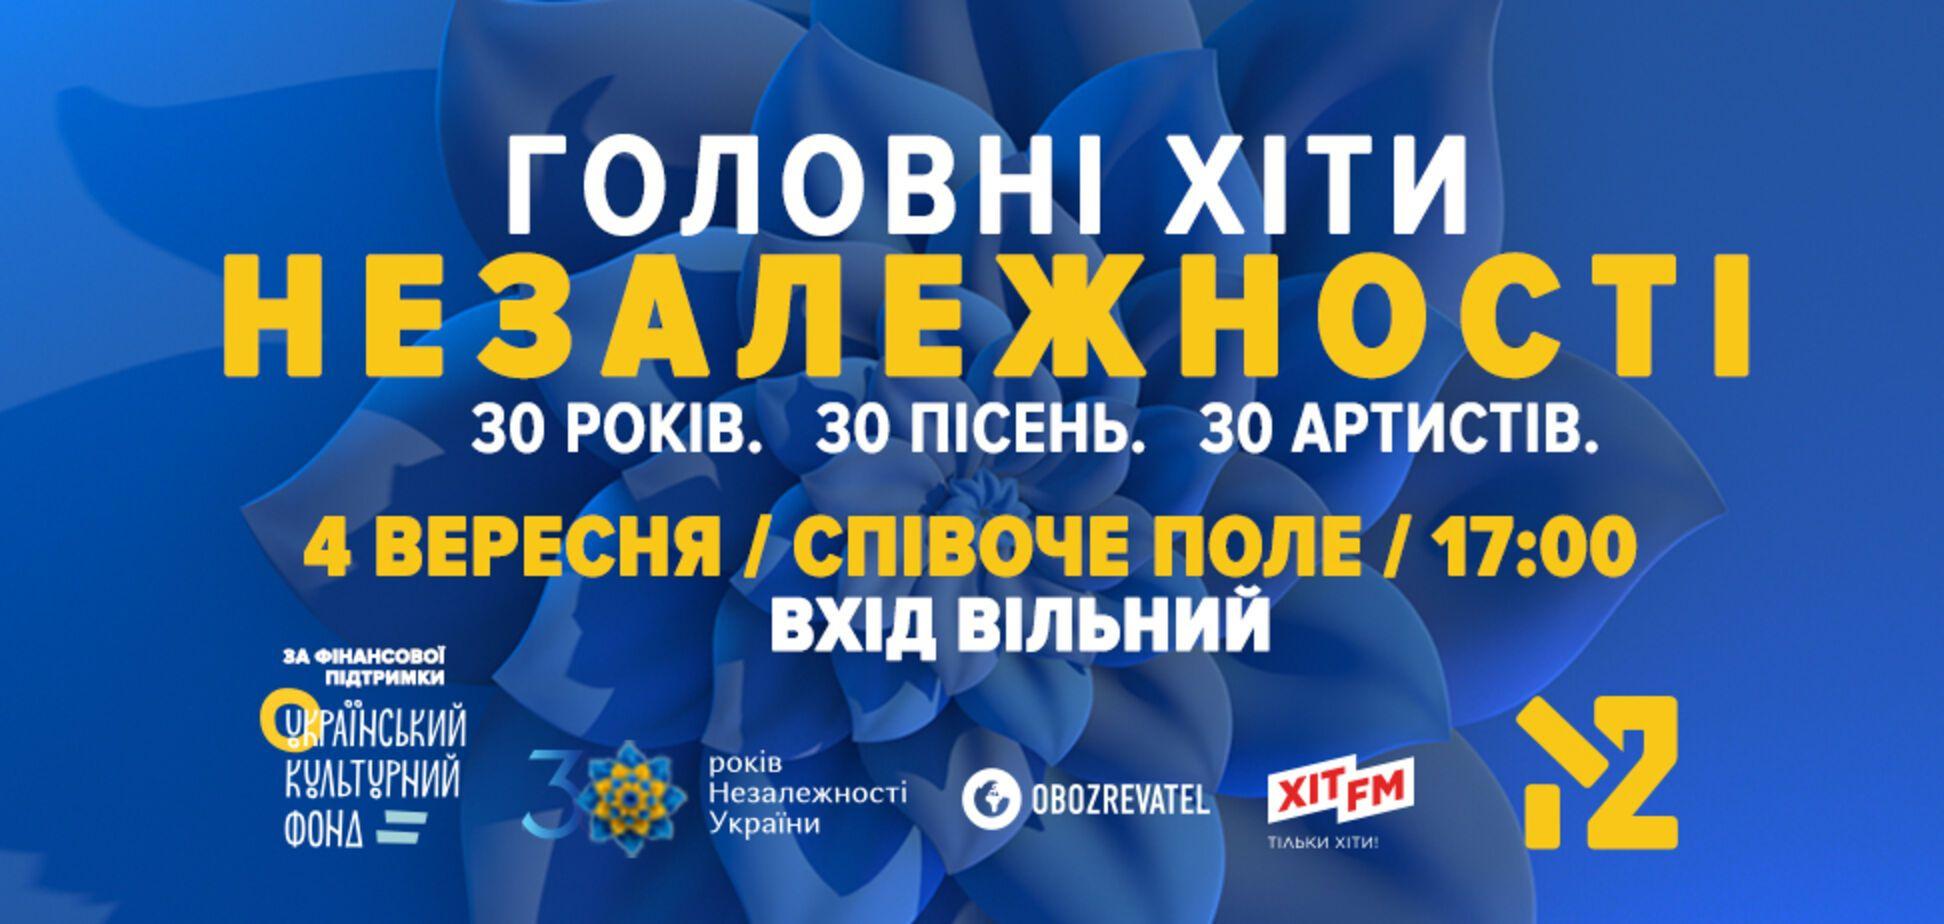 В Києві відбудеться безкоштовне музичне шоу 'Головні хіти Незалежності'